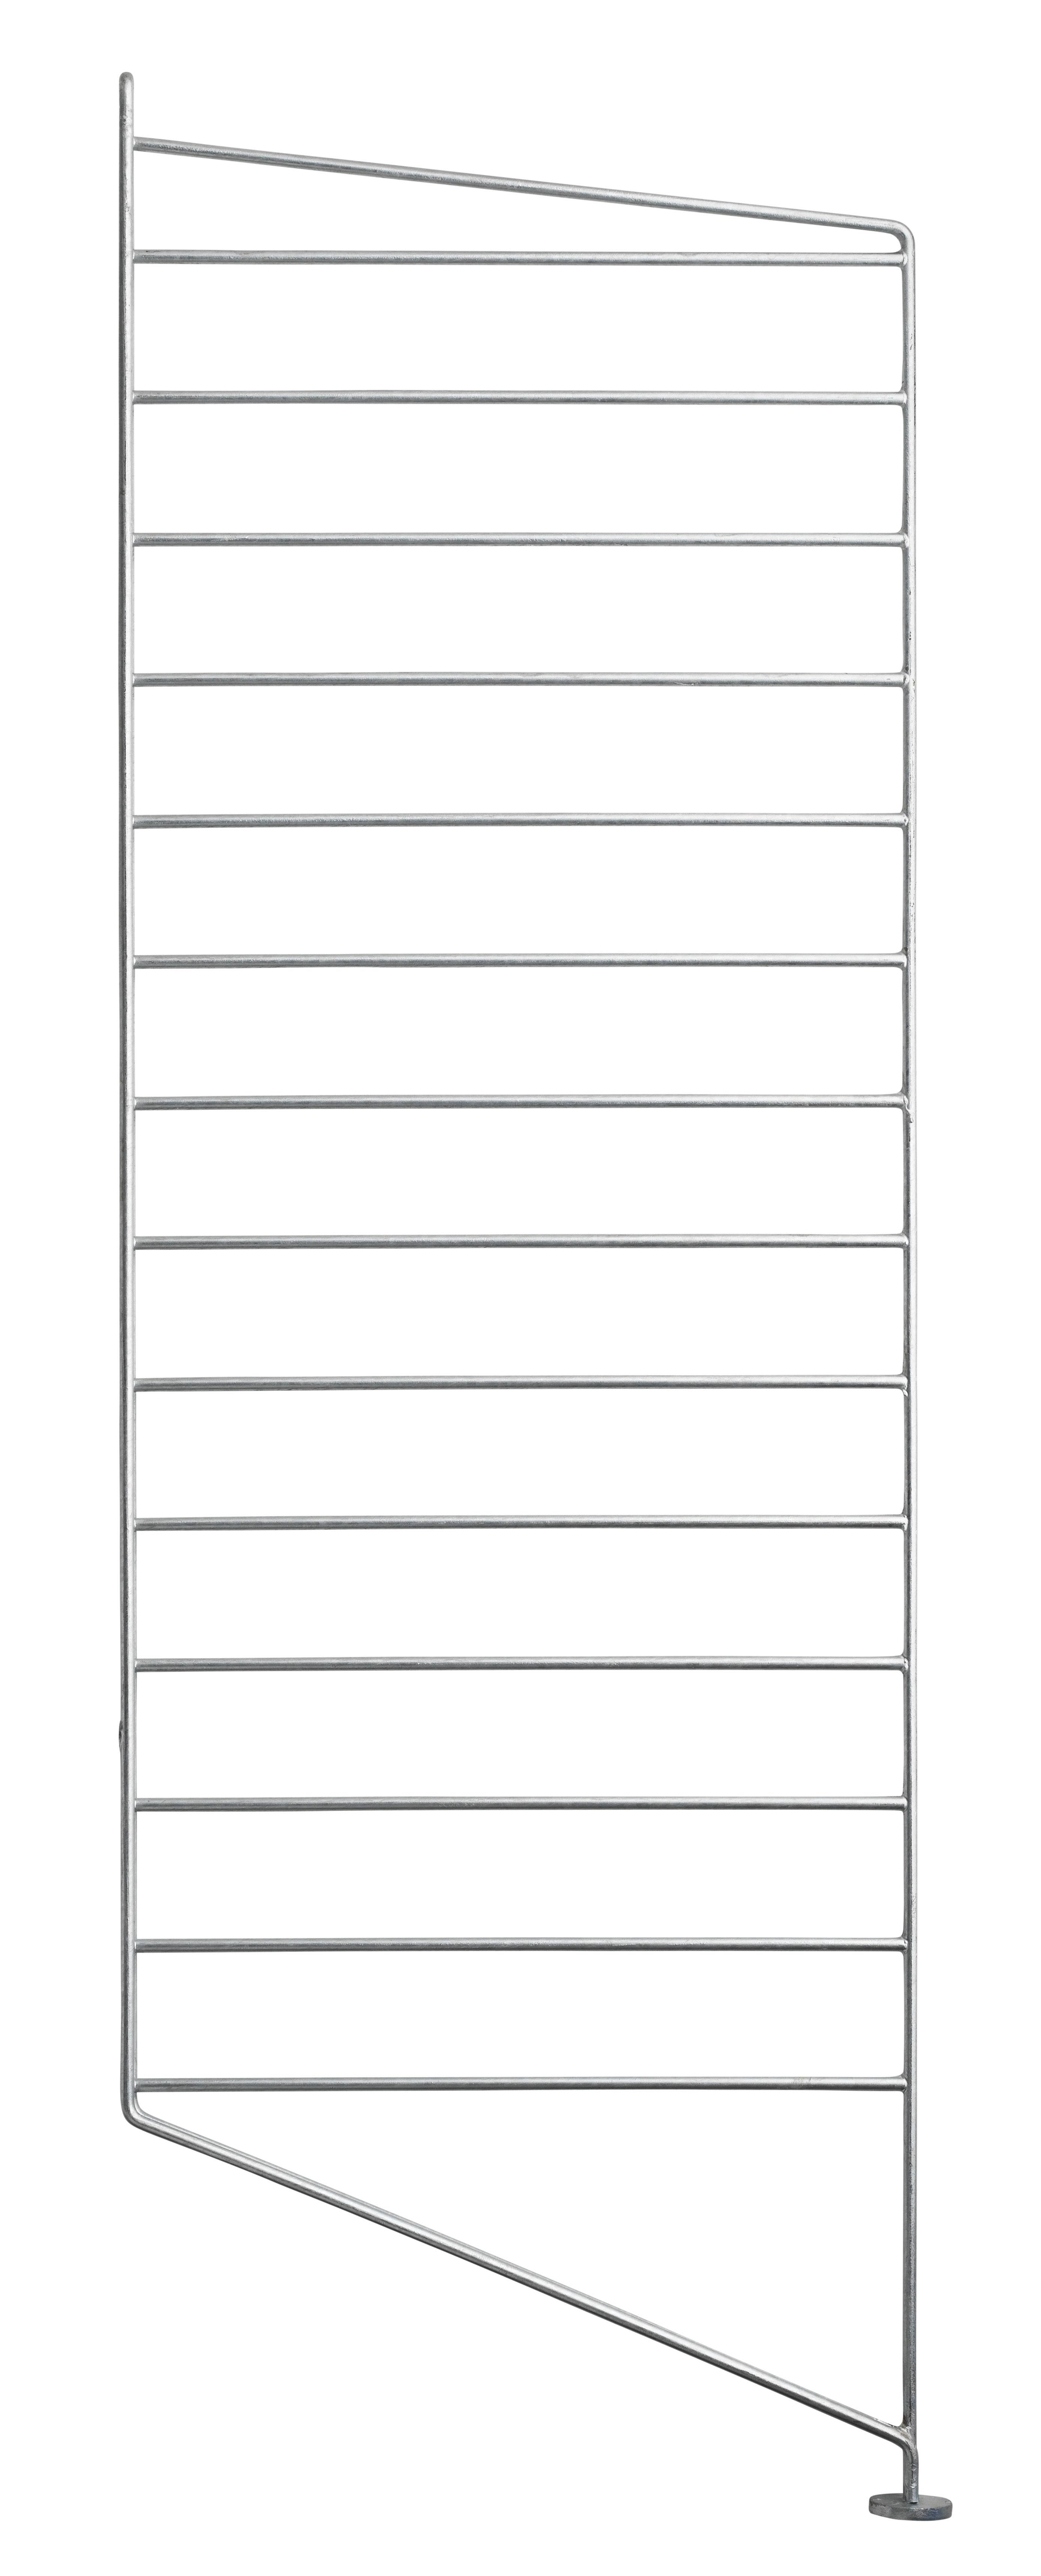 Arredamento - Scaffali e librerie - Montanti laterali String Outdoor - / Acciaio zincato - H 85 x P 30 cm - ad unità di String Furniture - Unità / Zincato - Acciaio galvanizzato